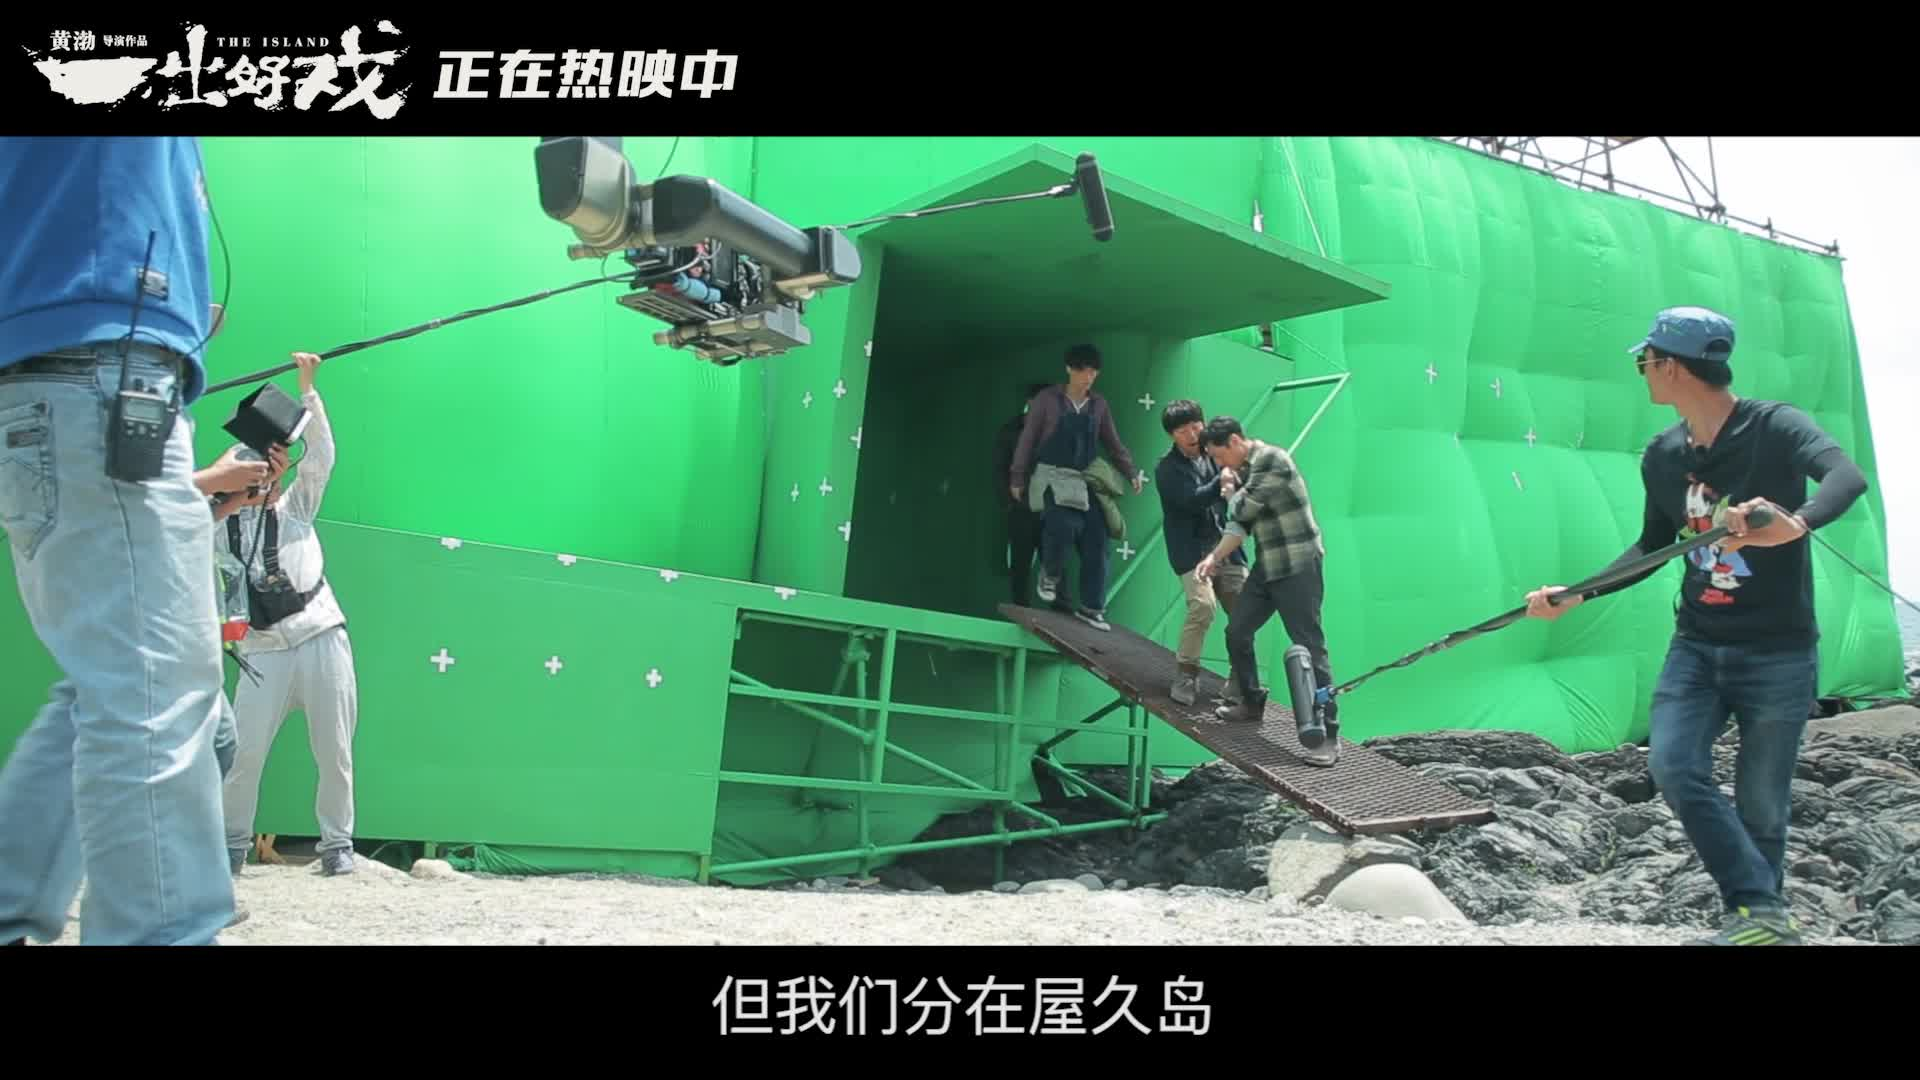 1000人拍摄1500个特效镜头 黄渤新片一出好戏真用心